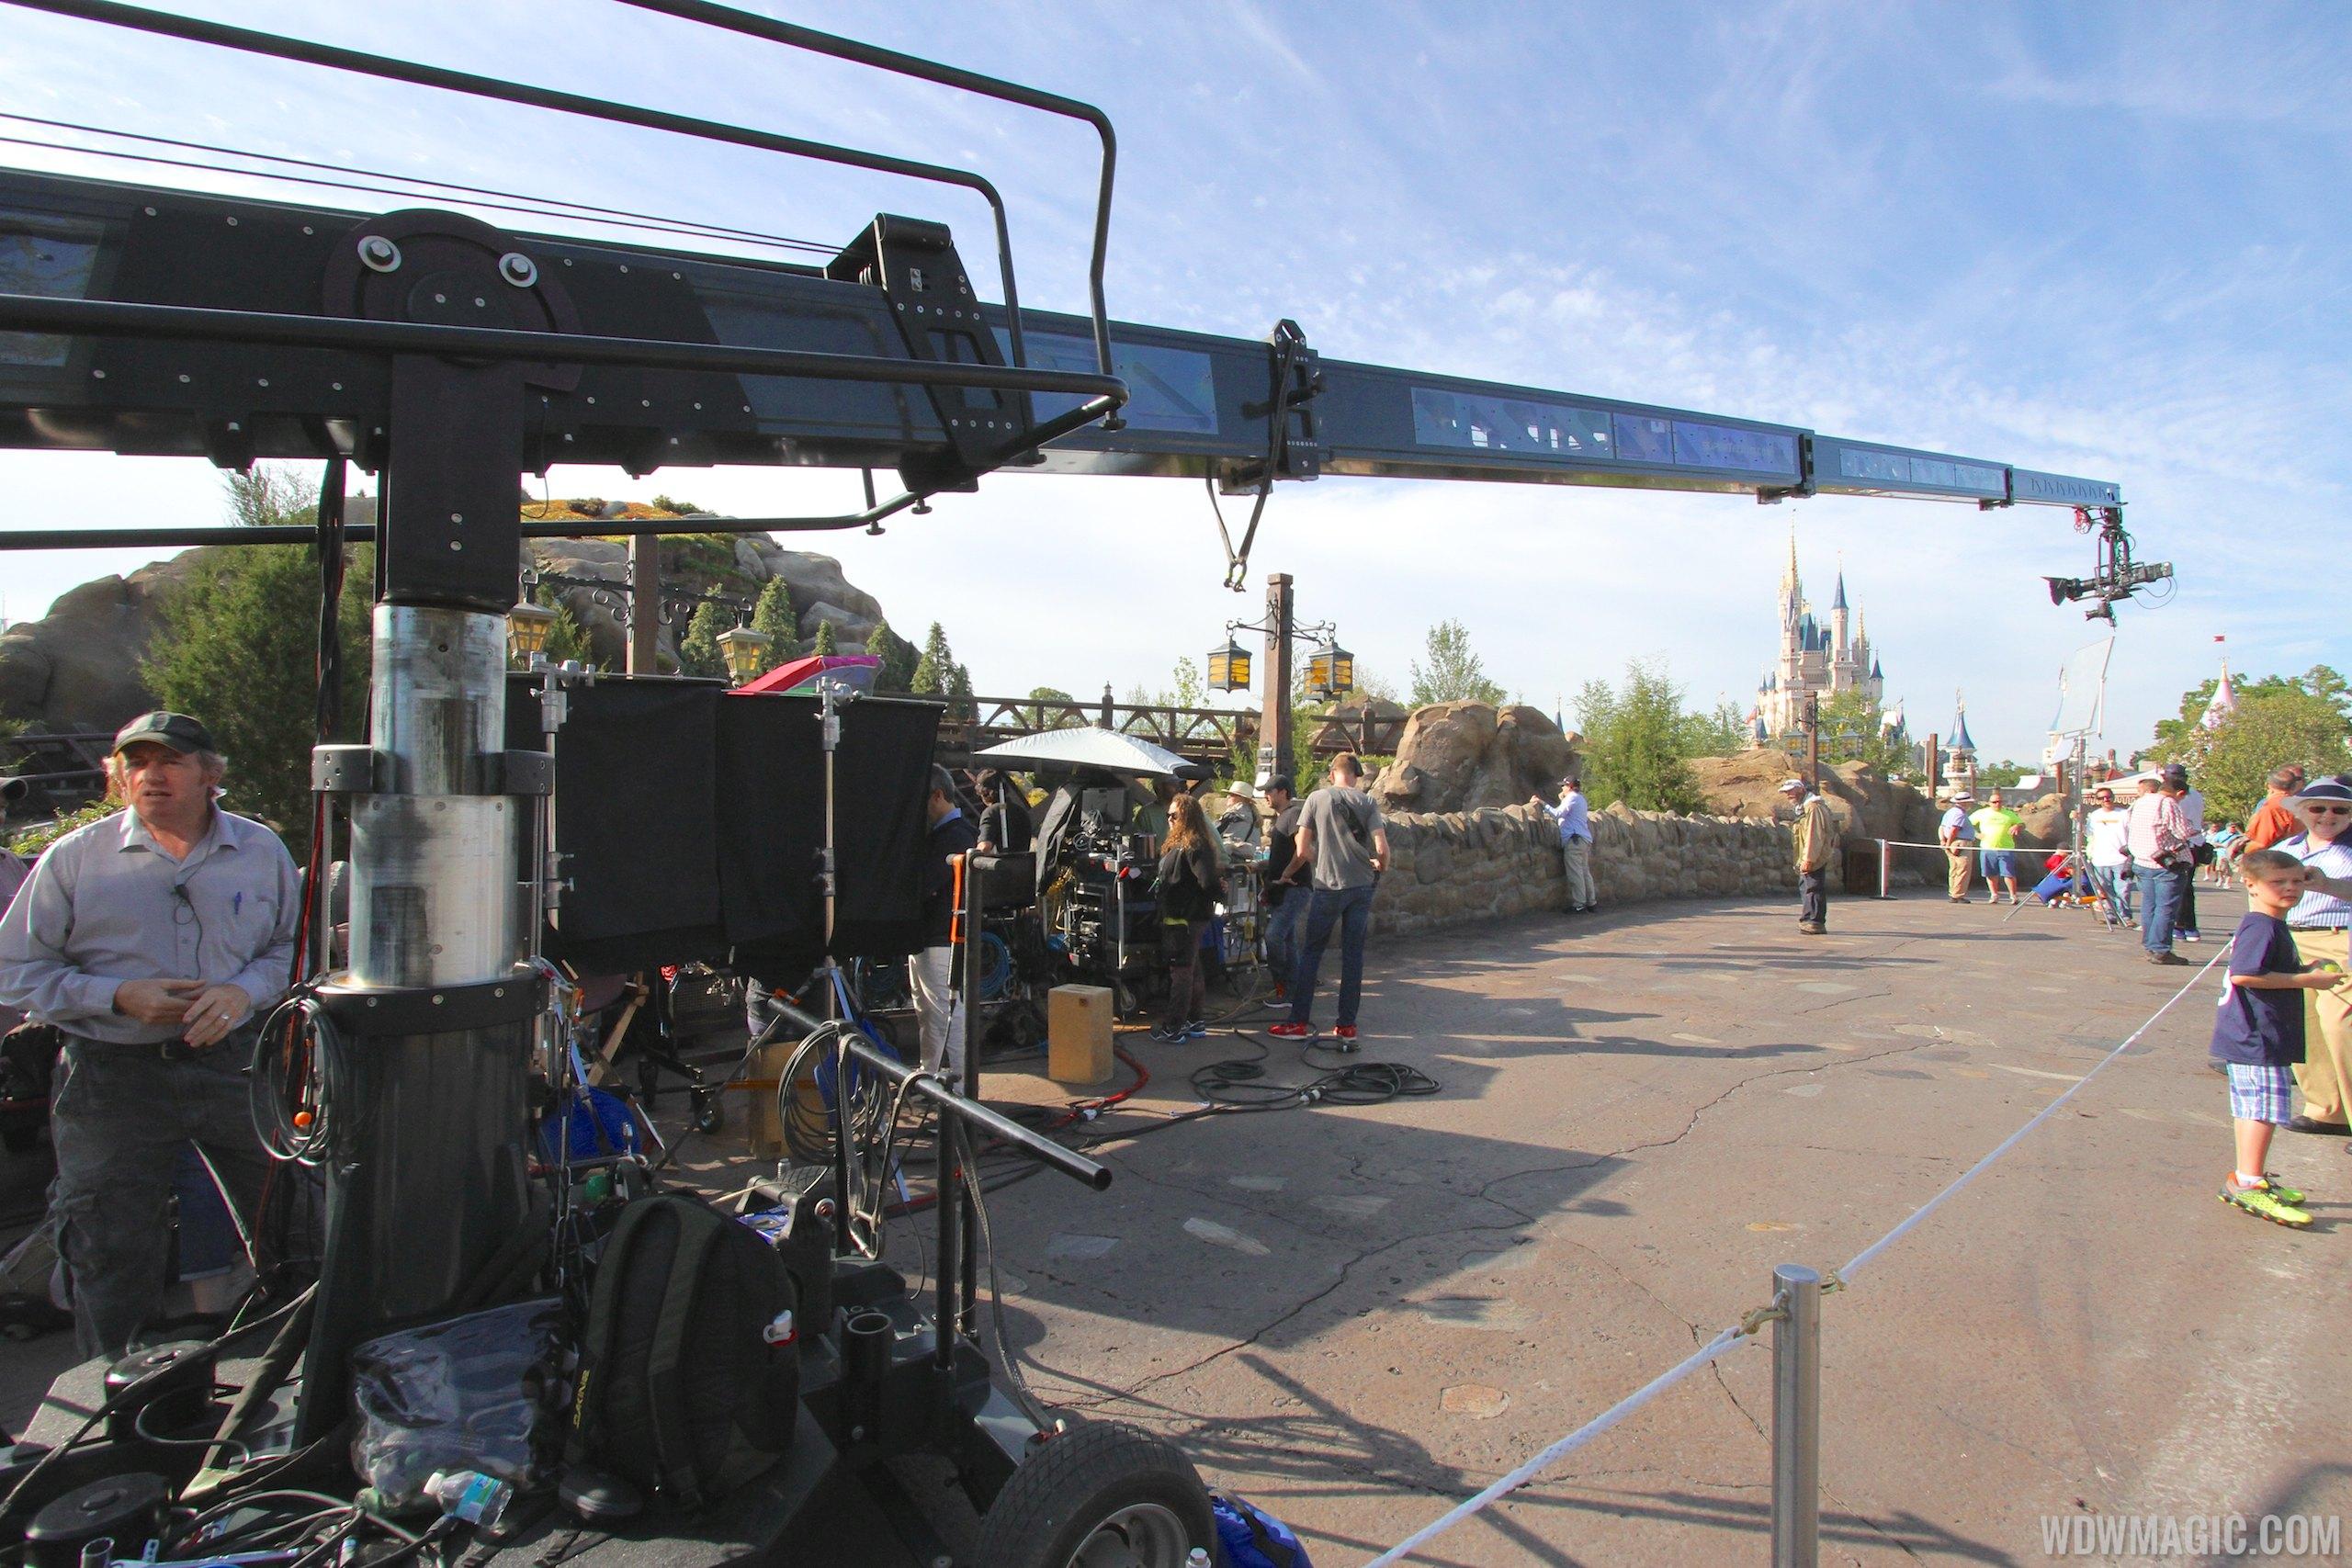 Film crews at the Seven Dwarfs Mine Train Coaster